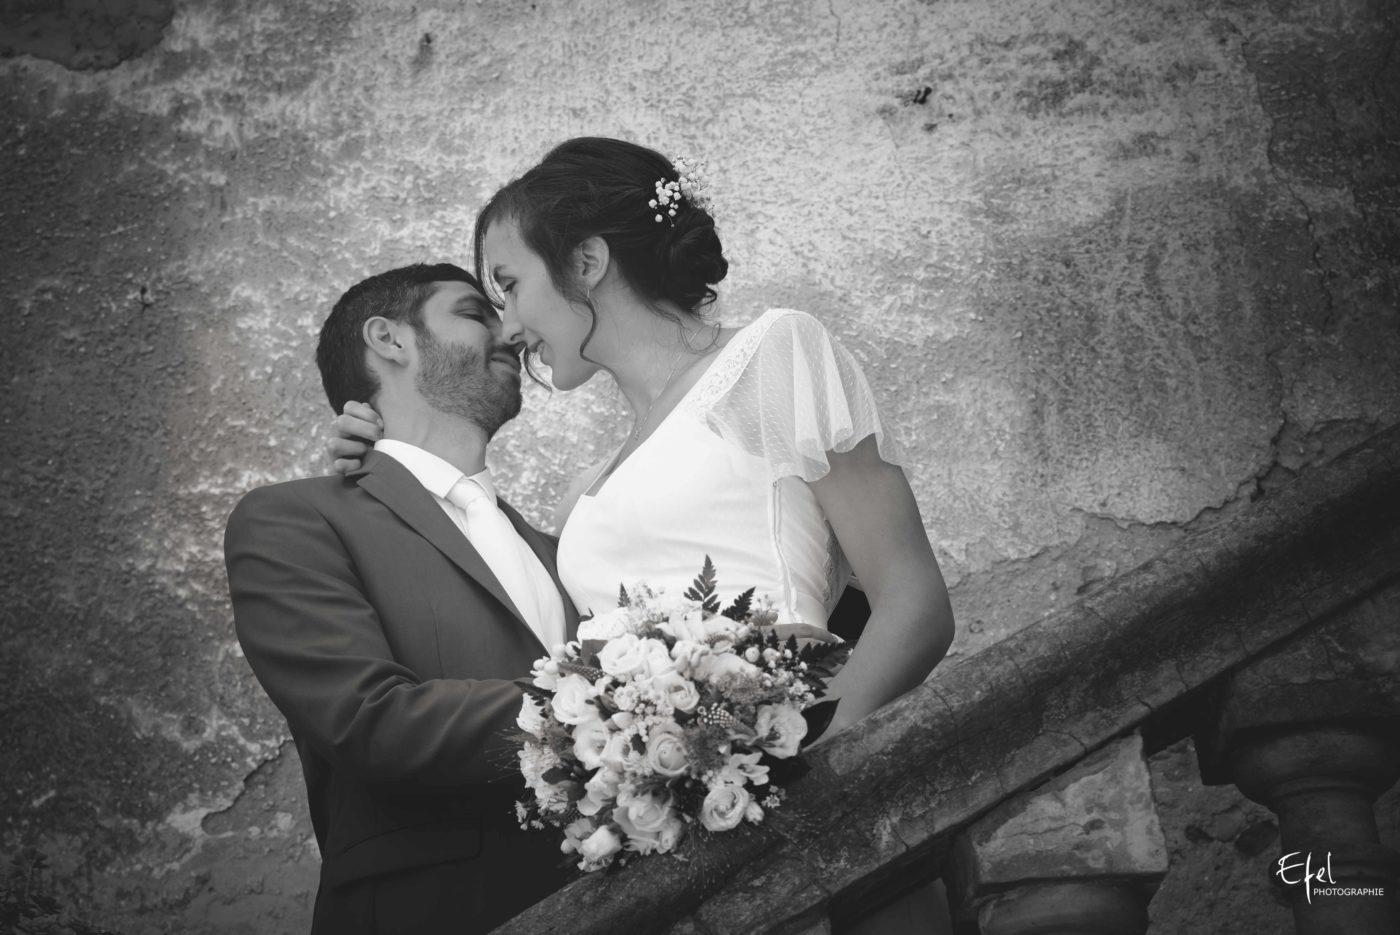 Shooting couple de mariage dans les alpes-maritimes - photographe mariage gap et alpes maritimes